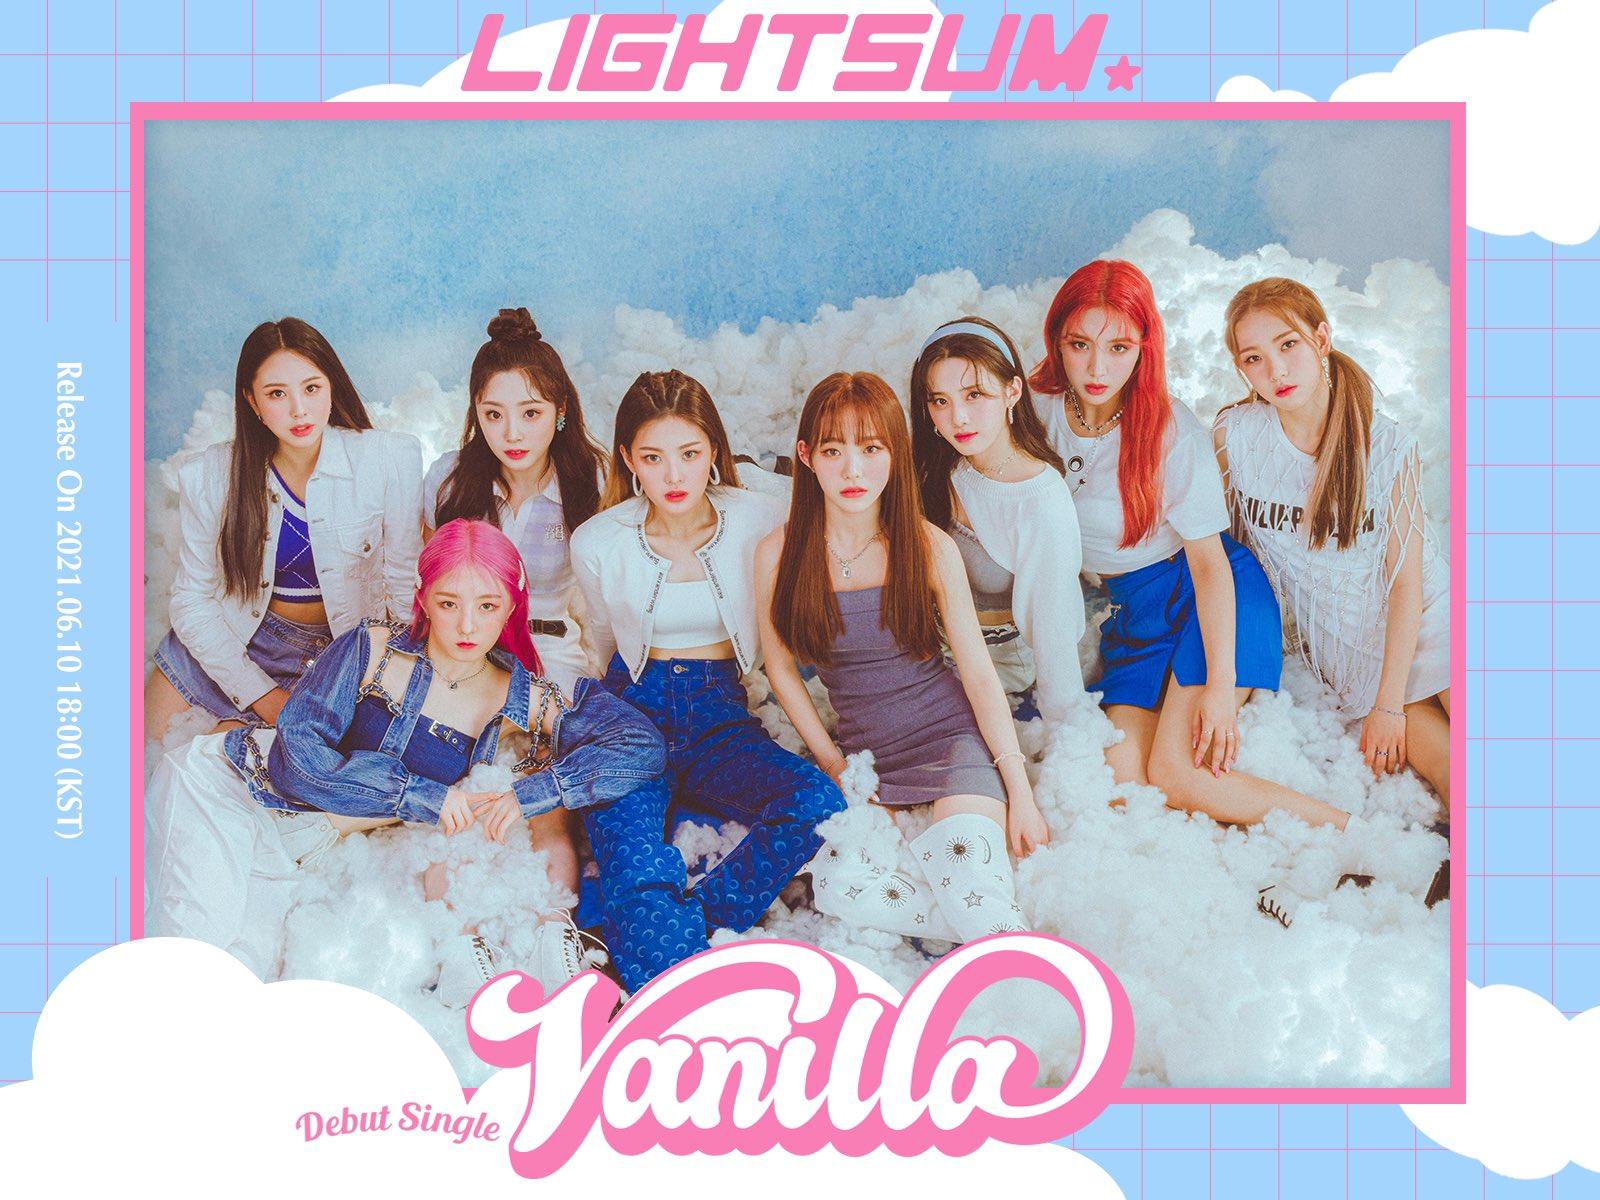 Lightsum hace su debut con Vanilla, el nuevo grupo de Cube Entertainment